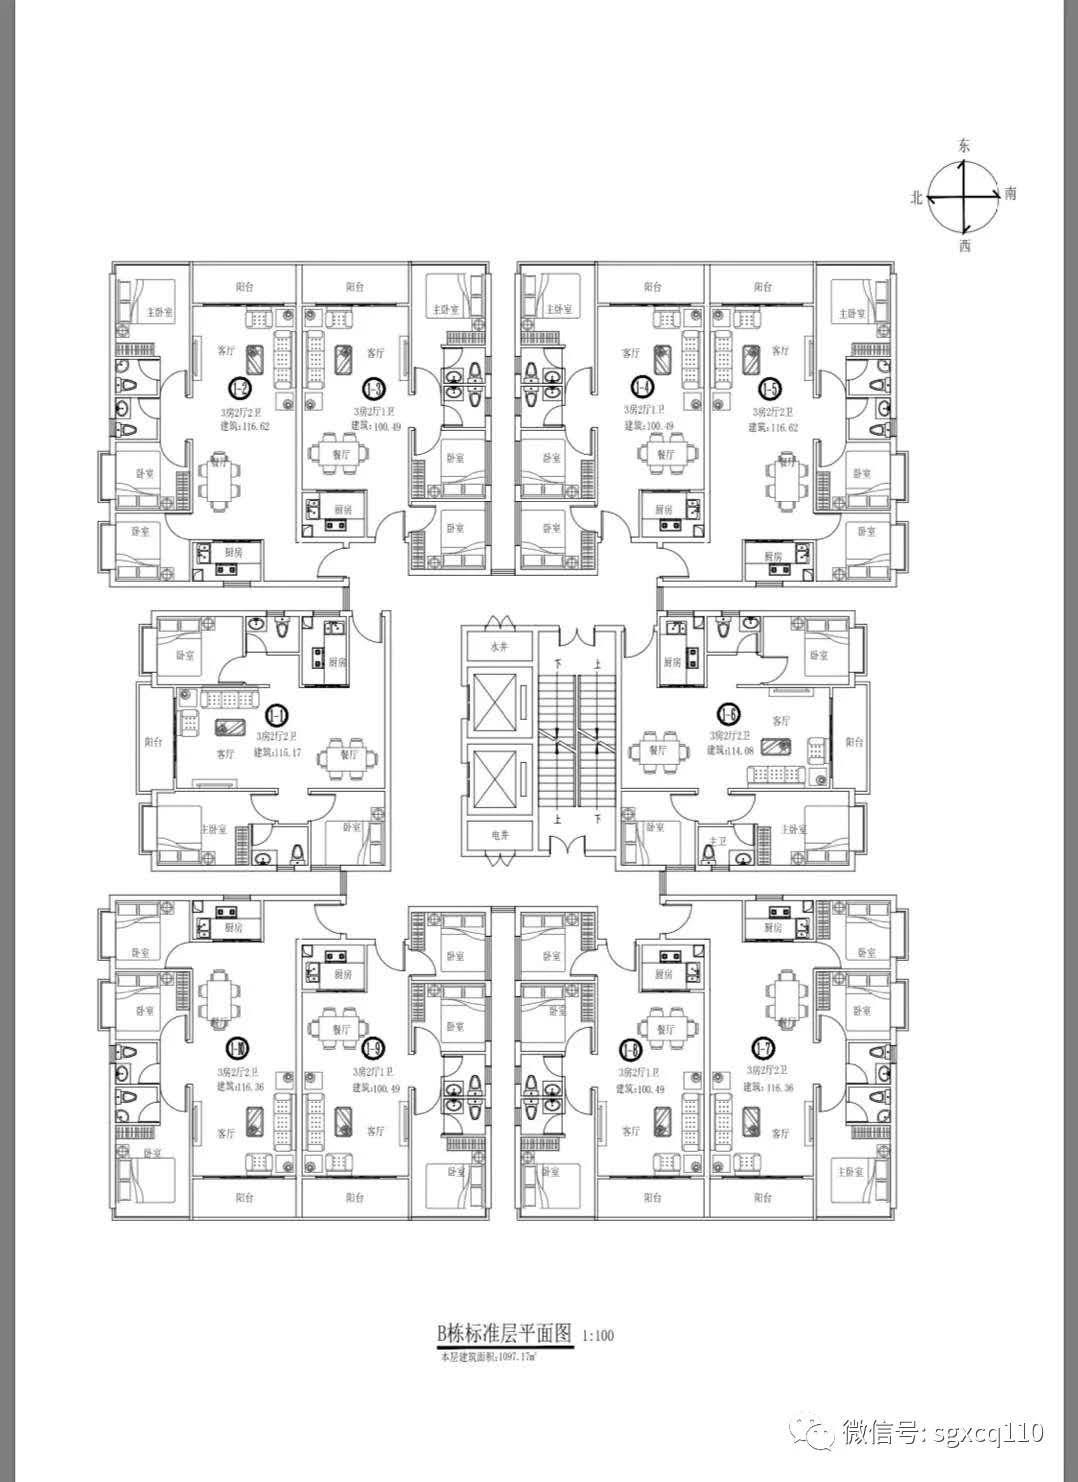 大朗6栋【松湖鼎盛花园】3280起两层停车场,带1600㎡大花园